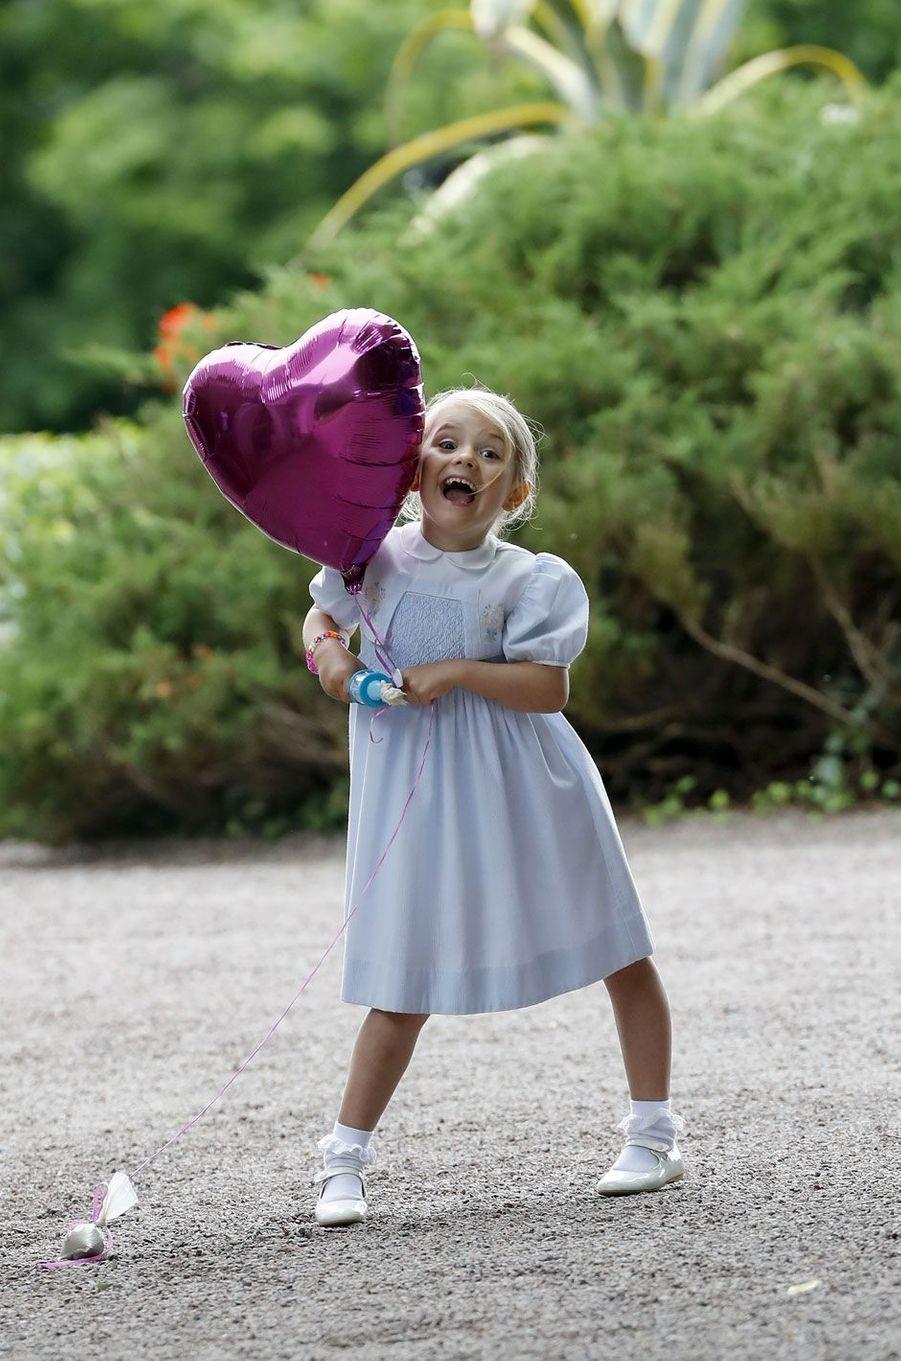 La petite princesse Estelle s'amuse avec un ballon en forme de coeur pour les 39 ans de sa maman, la future reine Victoria